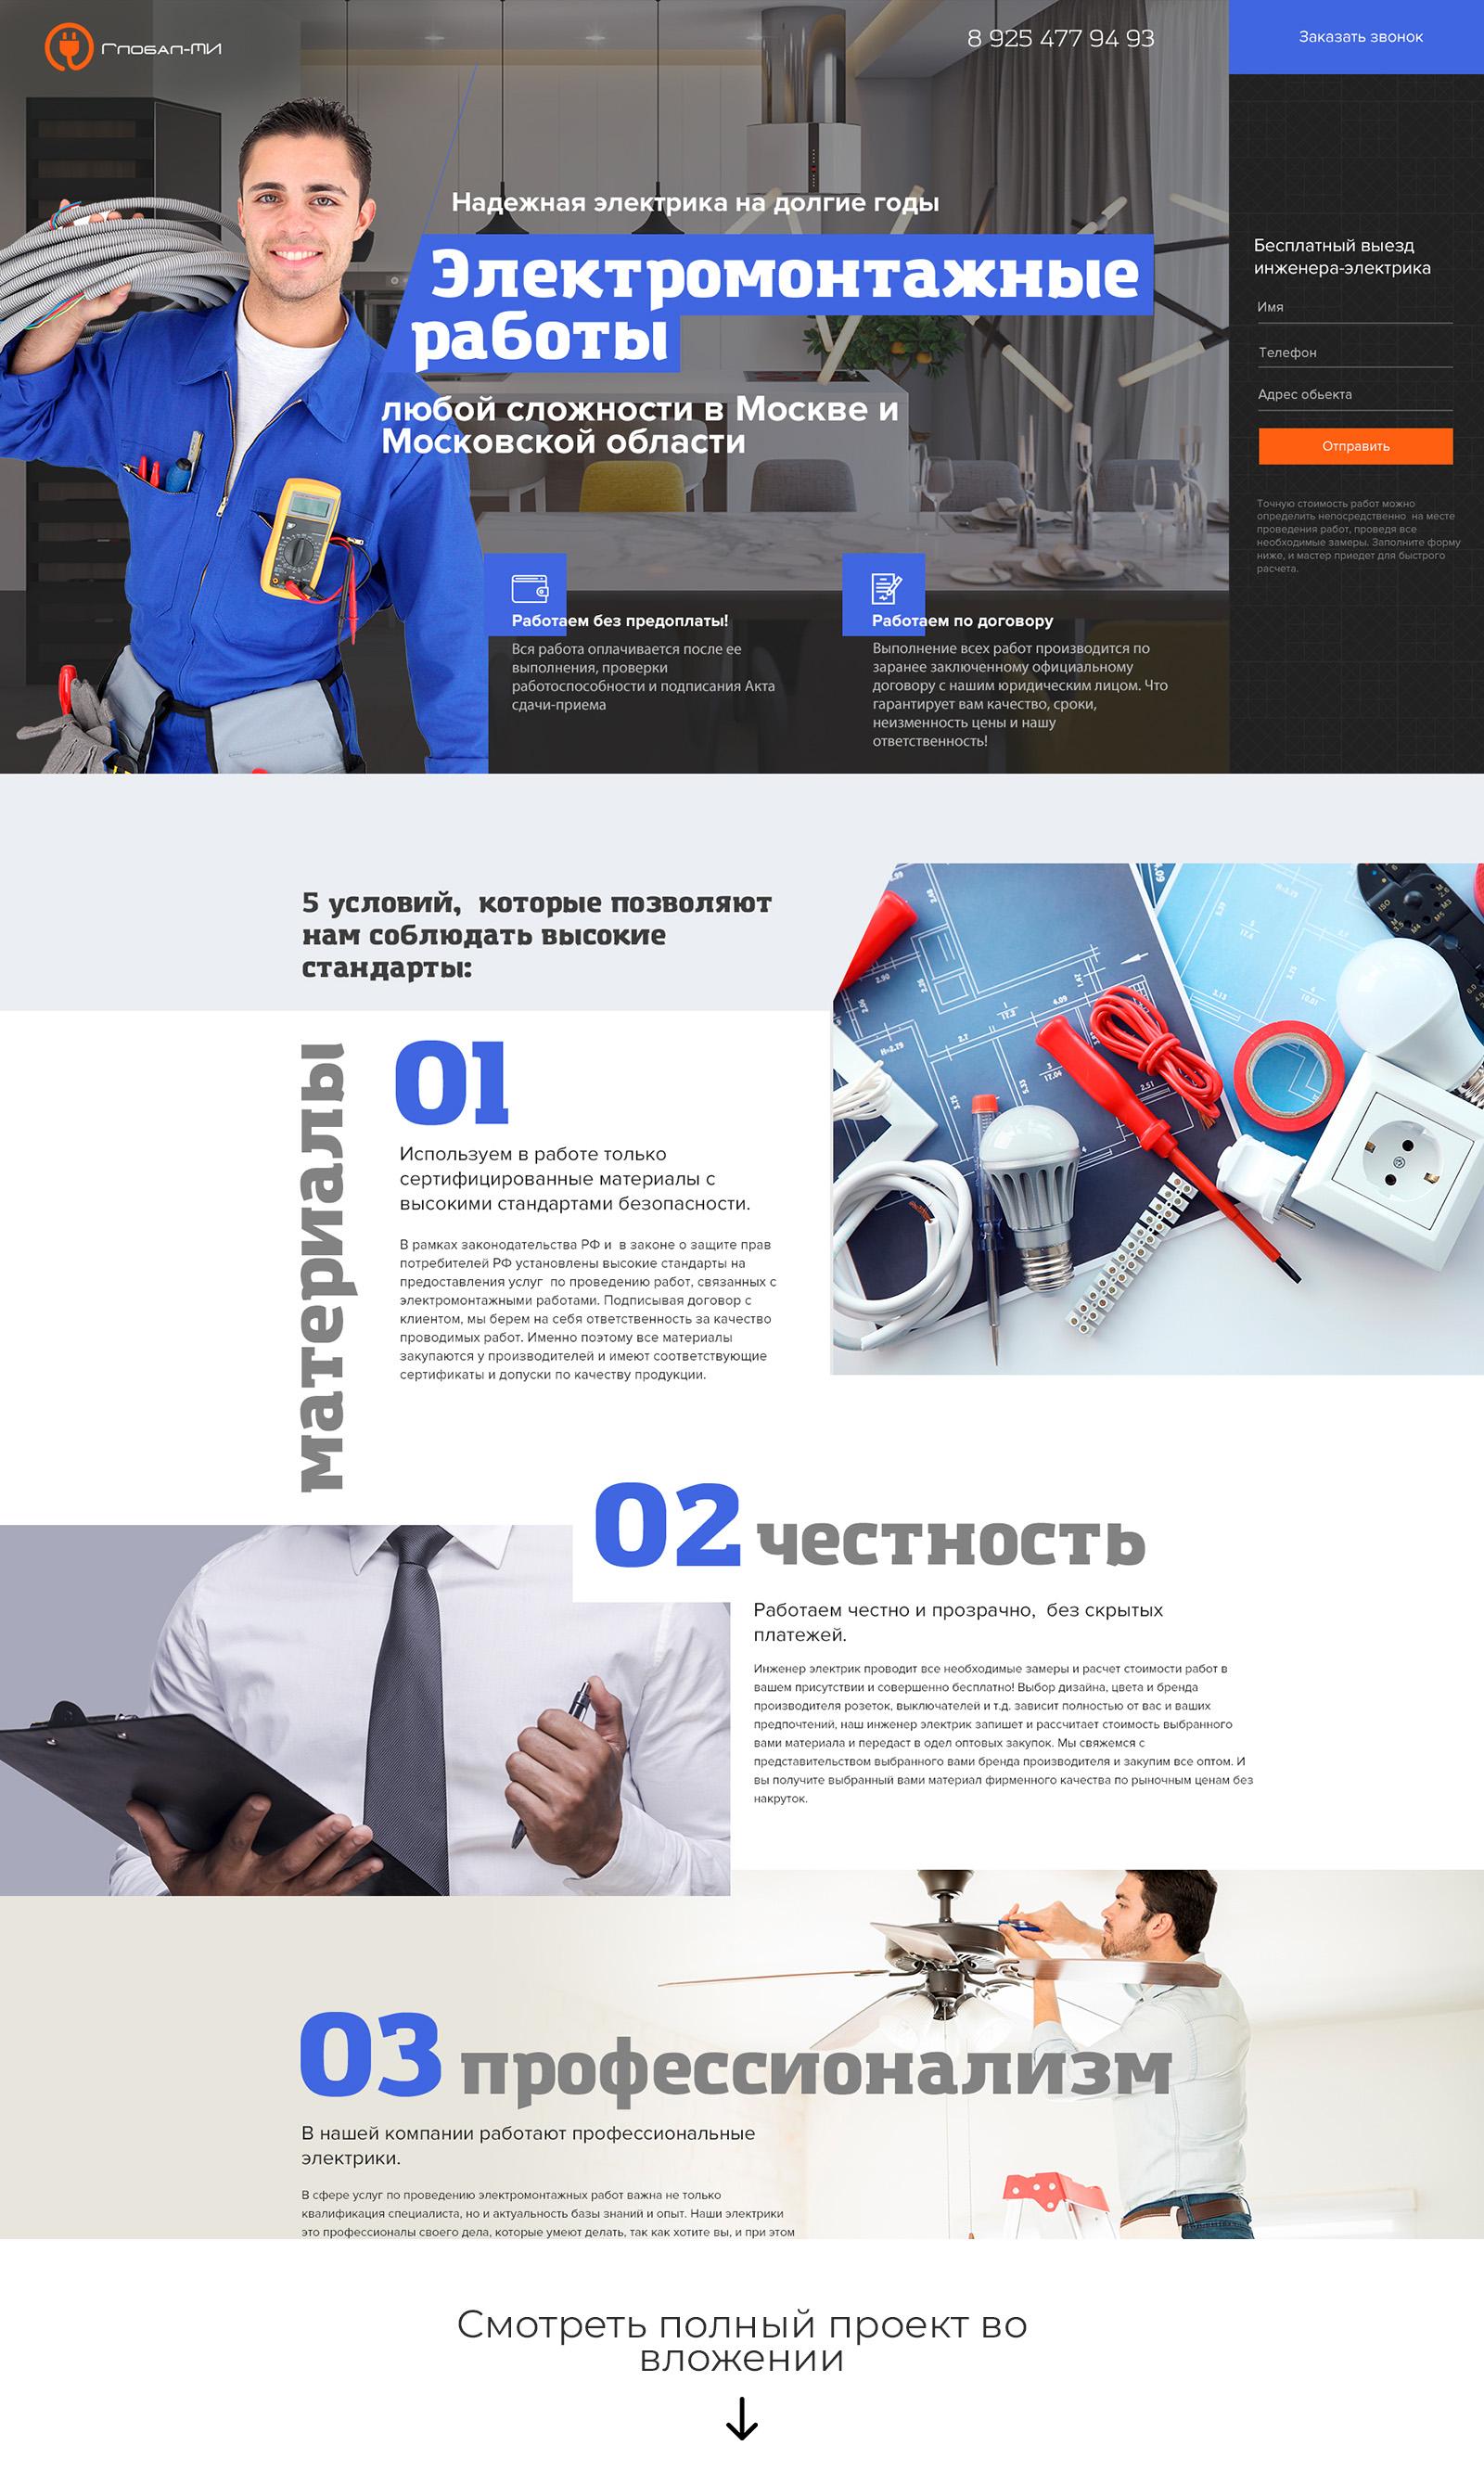 Фриланс проектирование электрики днепропетровск фрилансеры